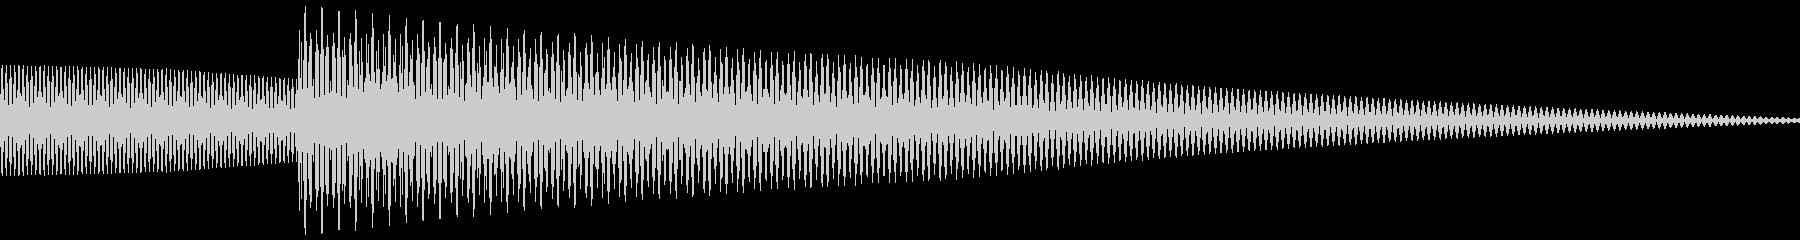 正解音 ピローン (クイズ回答風)の未再生の波形